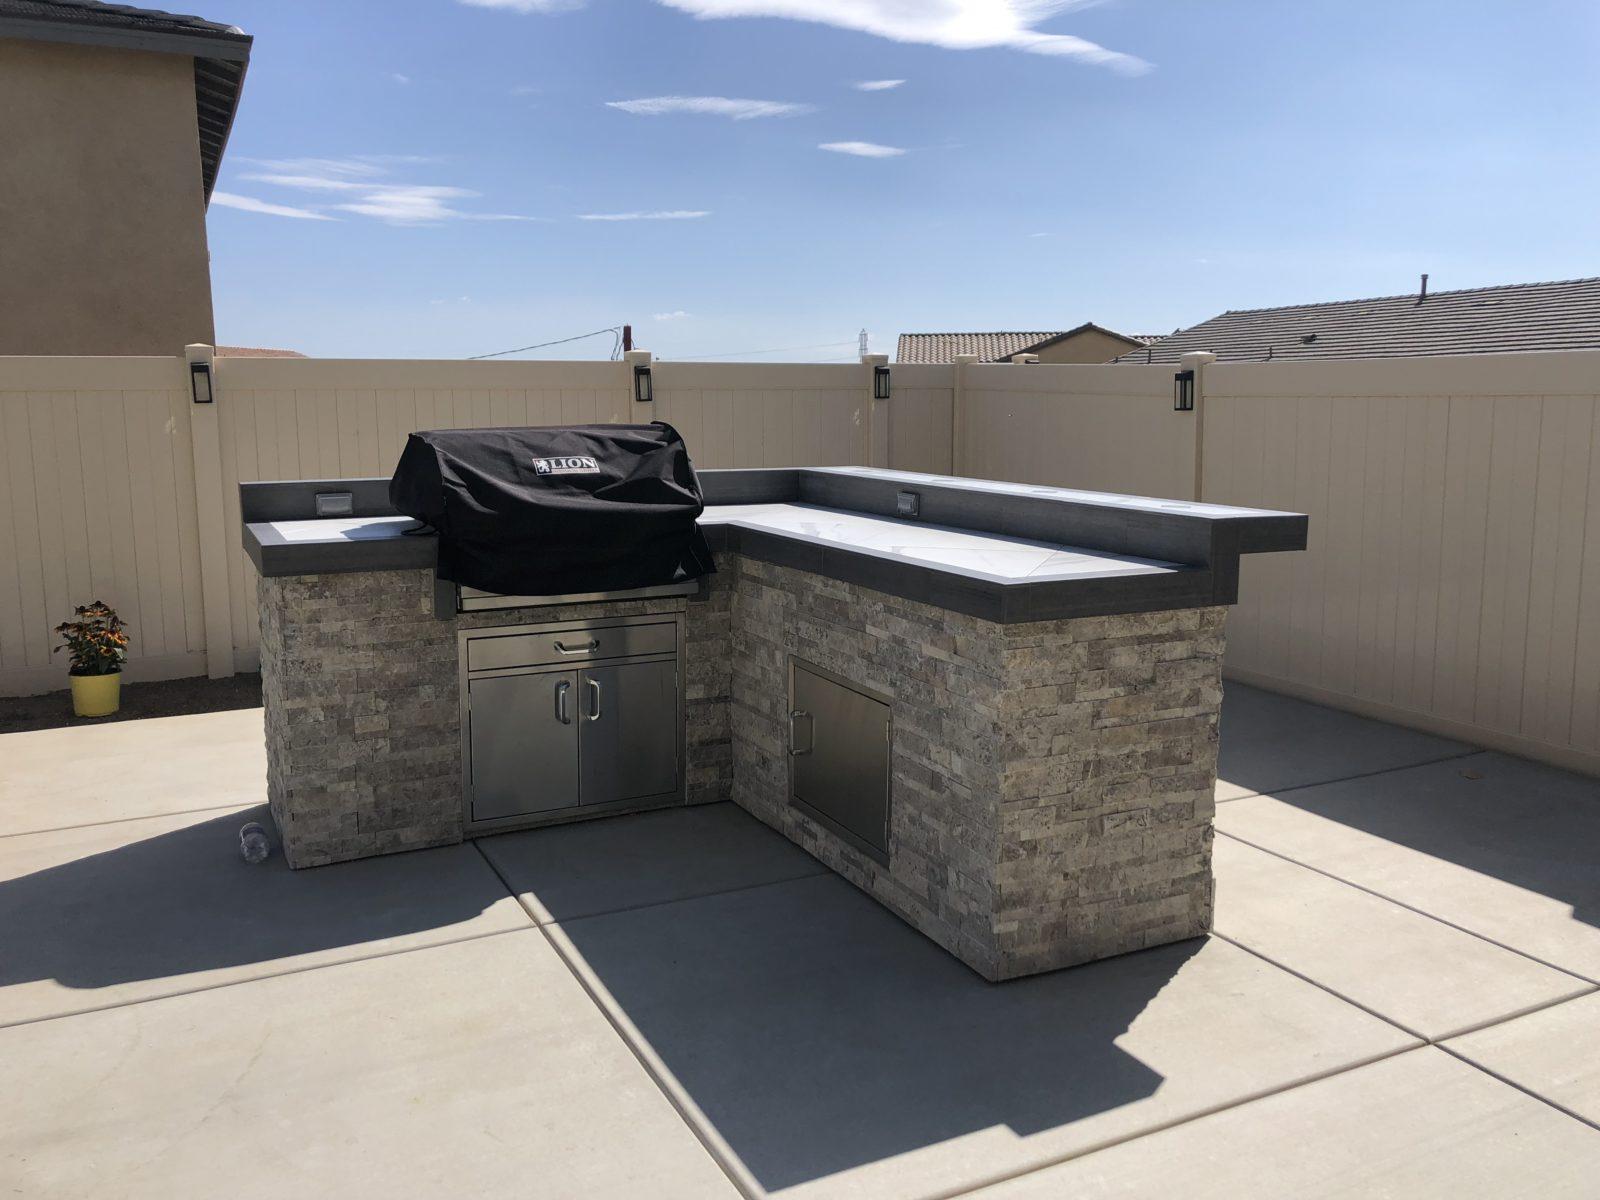 Lion BBQ - Outdoor Kitchen